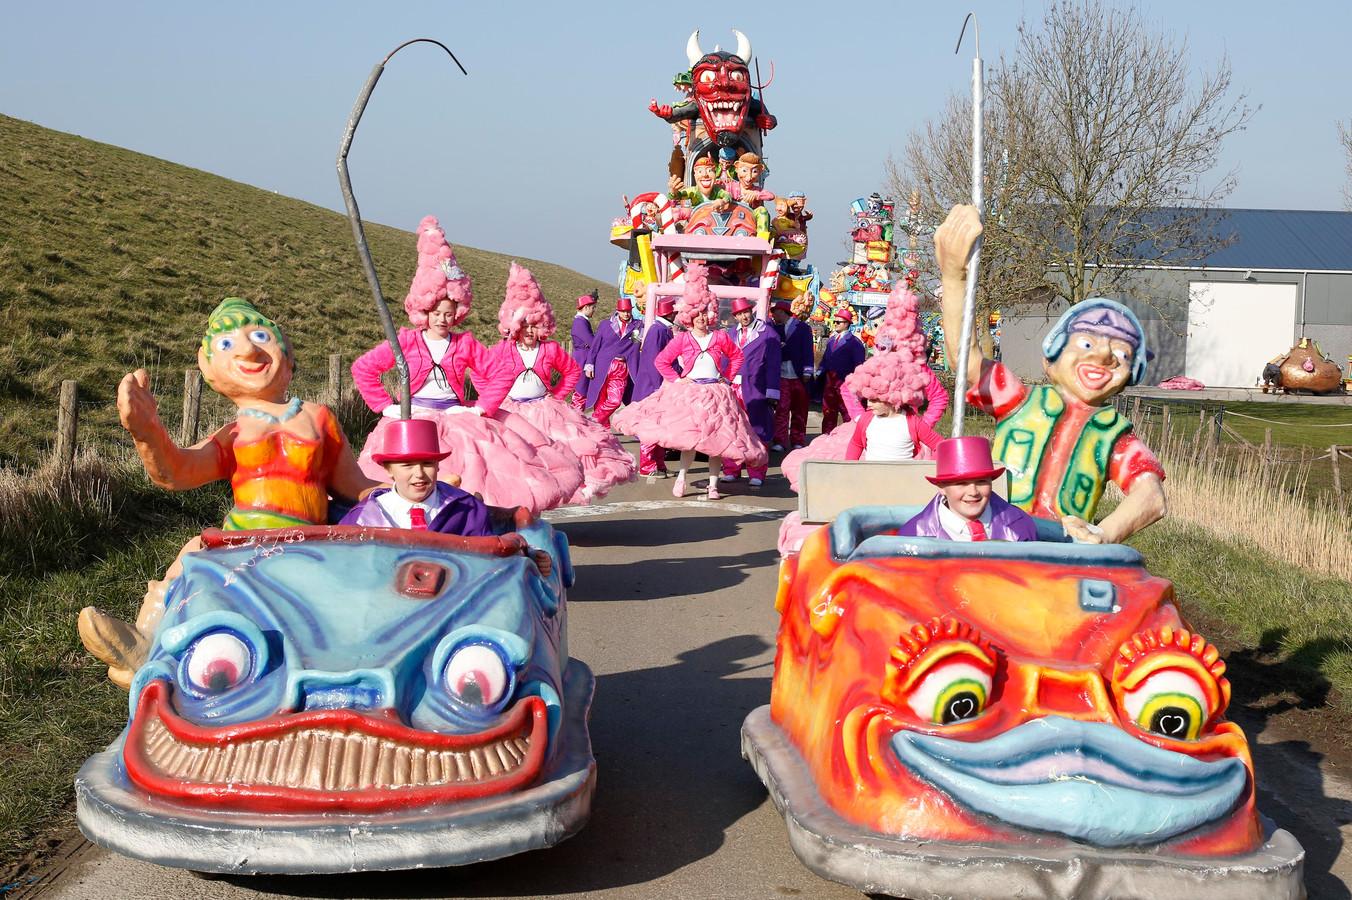 De Polderjongens in de botsauto's in de optocht van Ossenisse, eerder dit jaar.